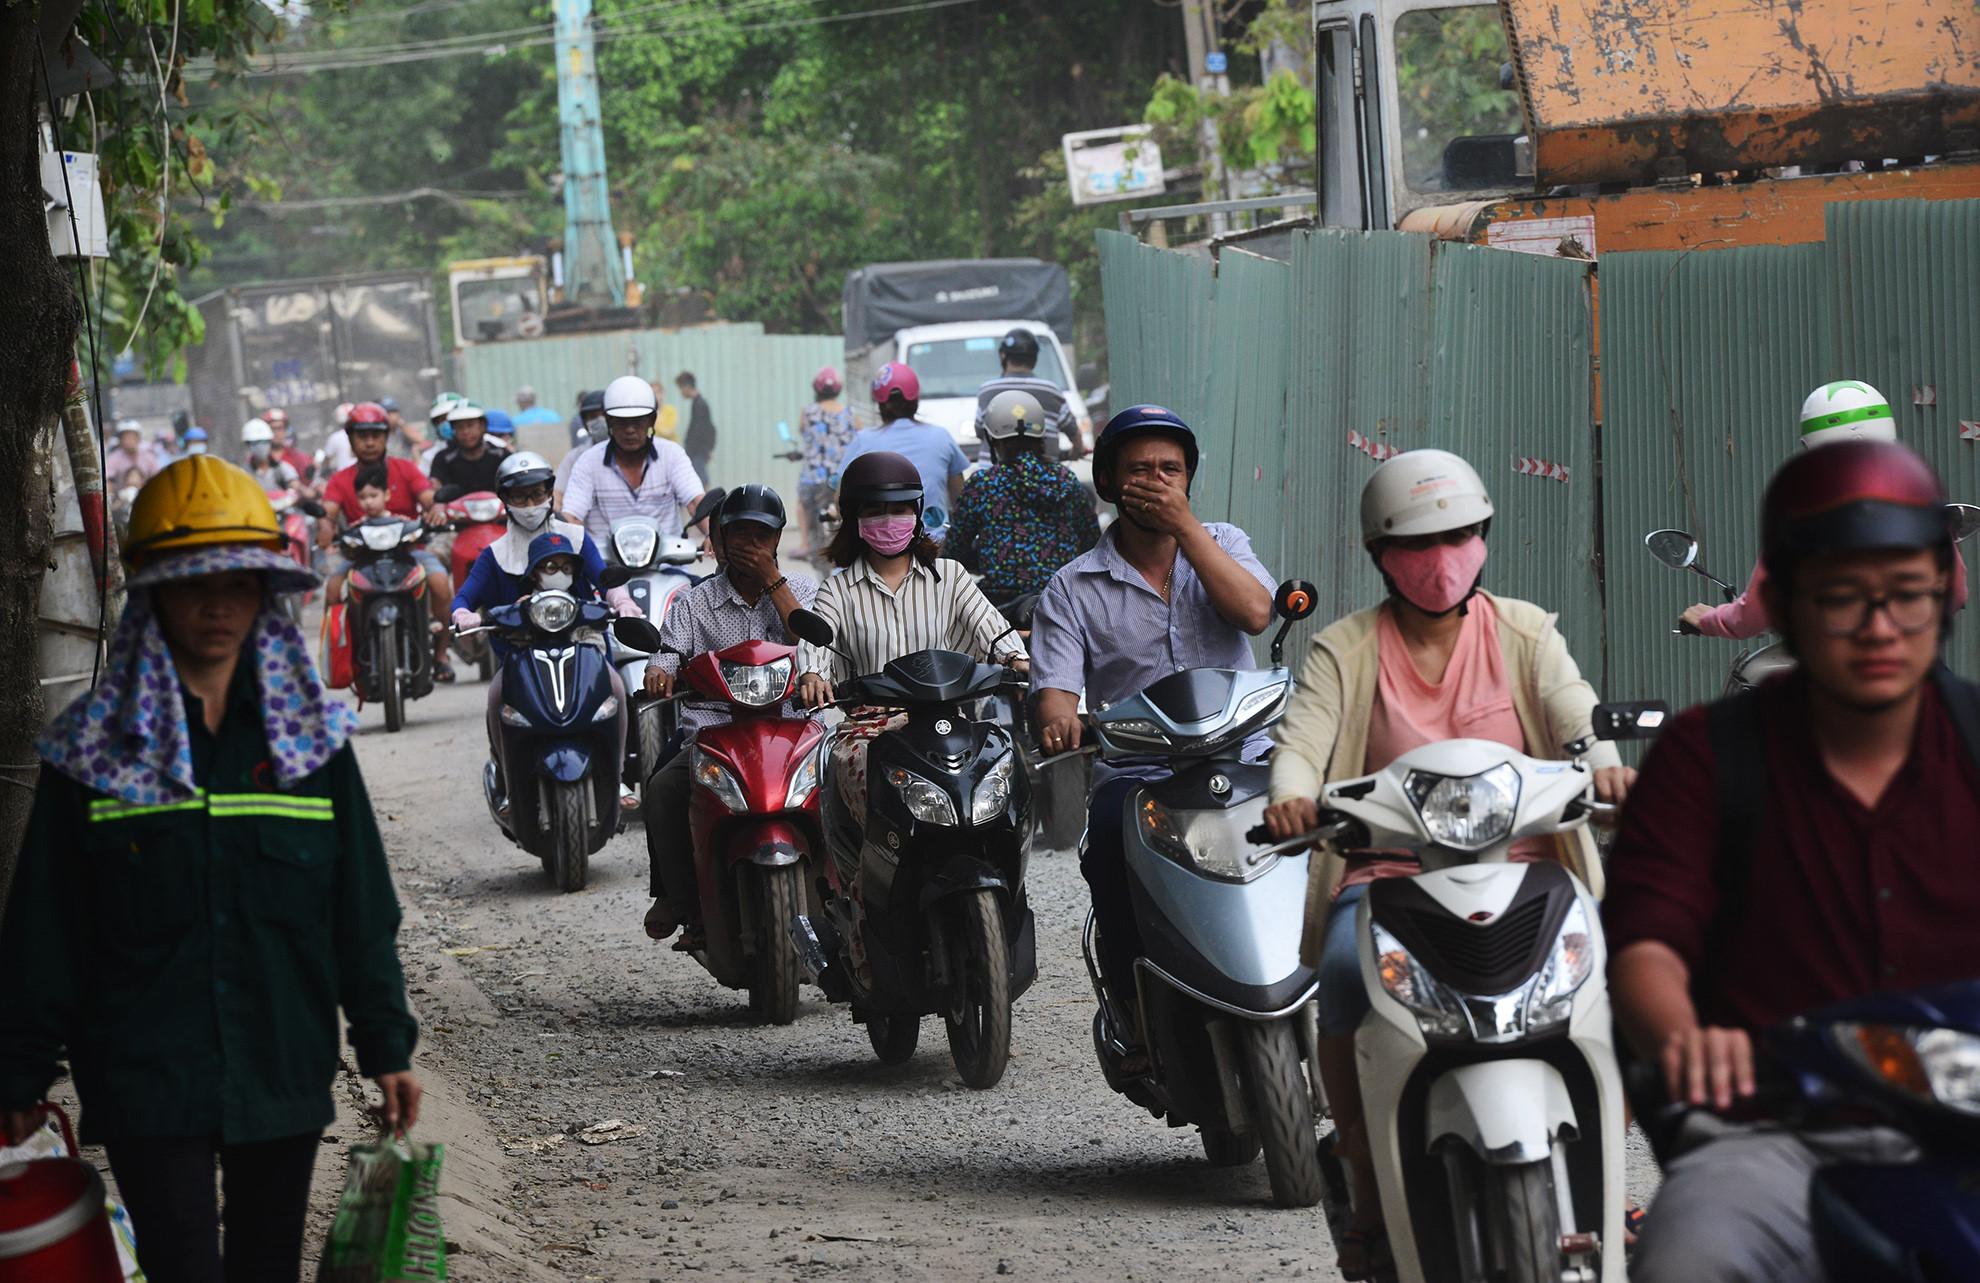 Cuối năm, lô cốt lại mọc lên khắp đường Sài Gòn Ảnh 11